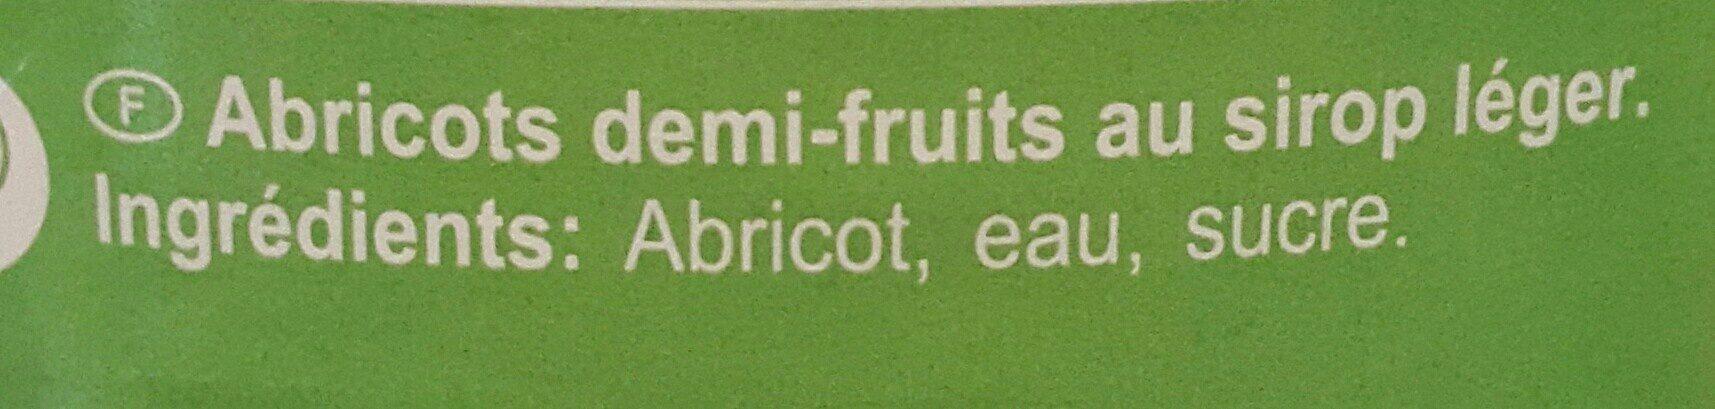 Abricots demi-fruits au sirop léger - Ingrédients - fr